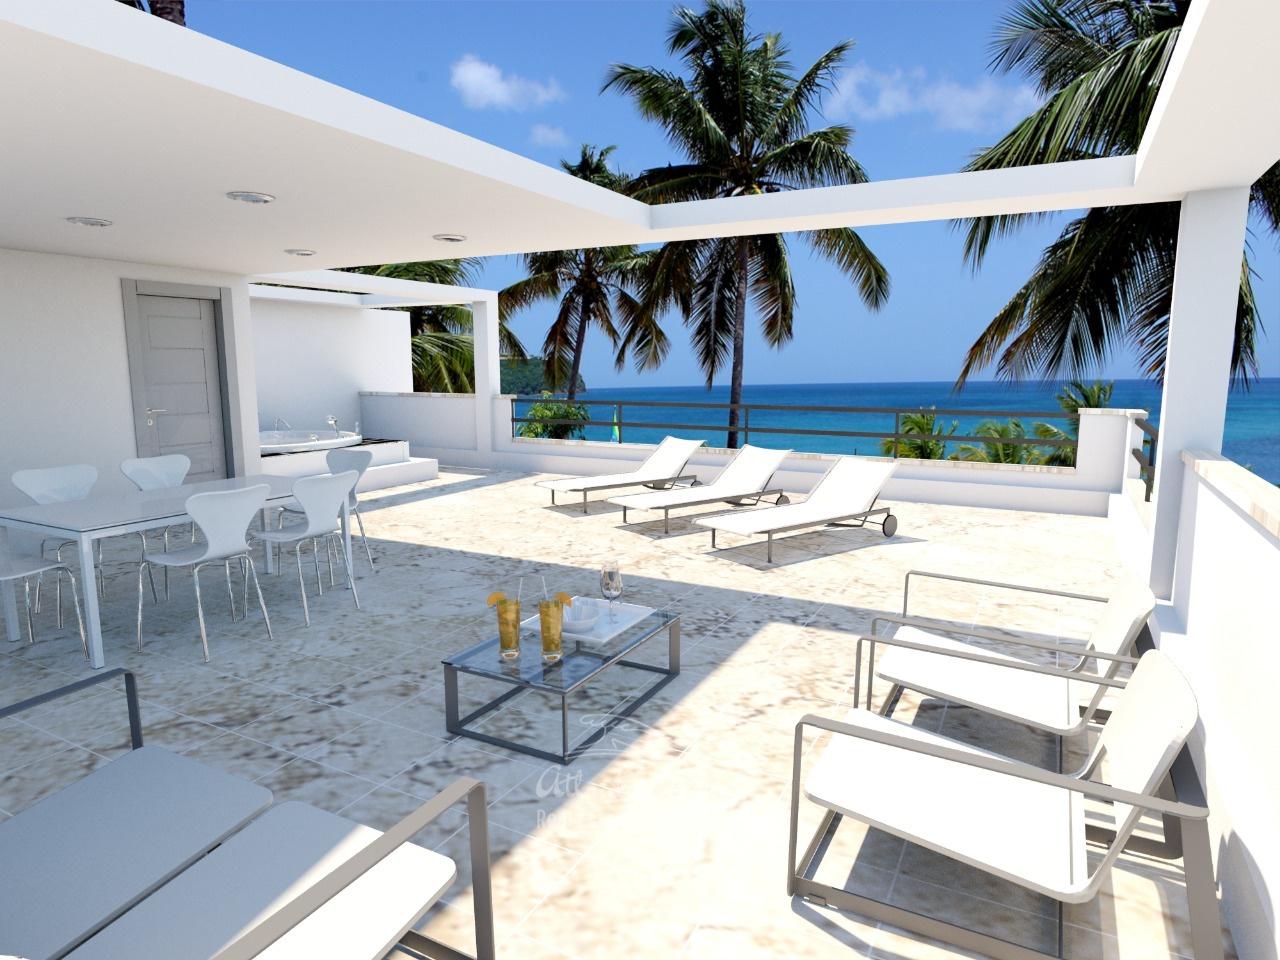 New beachfront condo in Las Terrenas Real Estate Dominican Republic2.jpeg